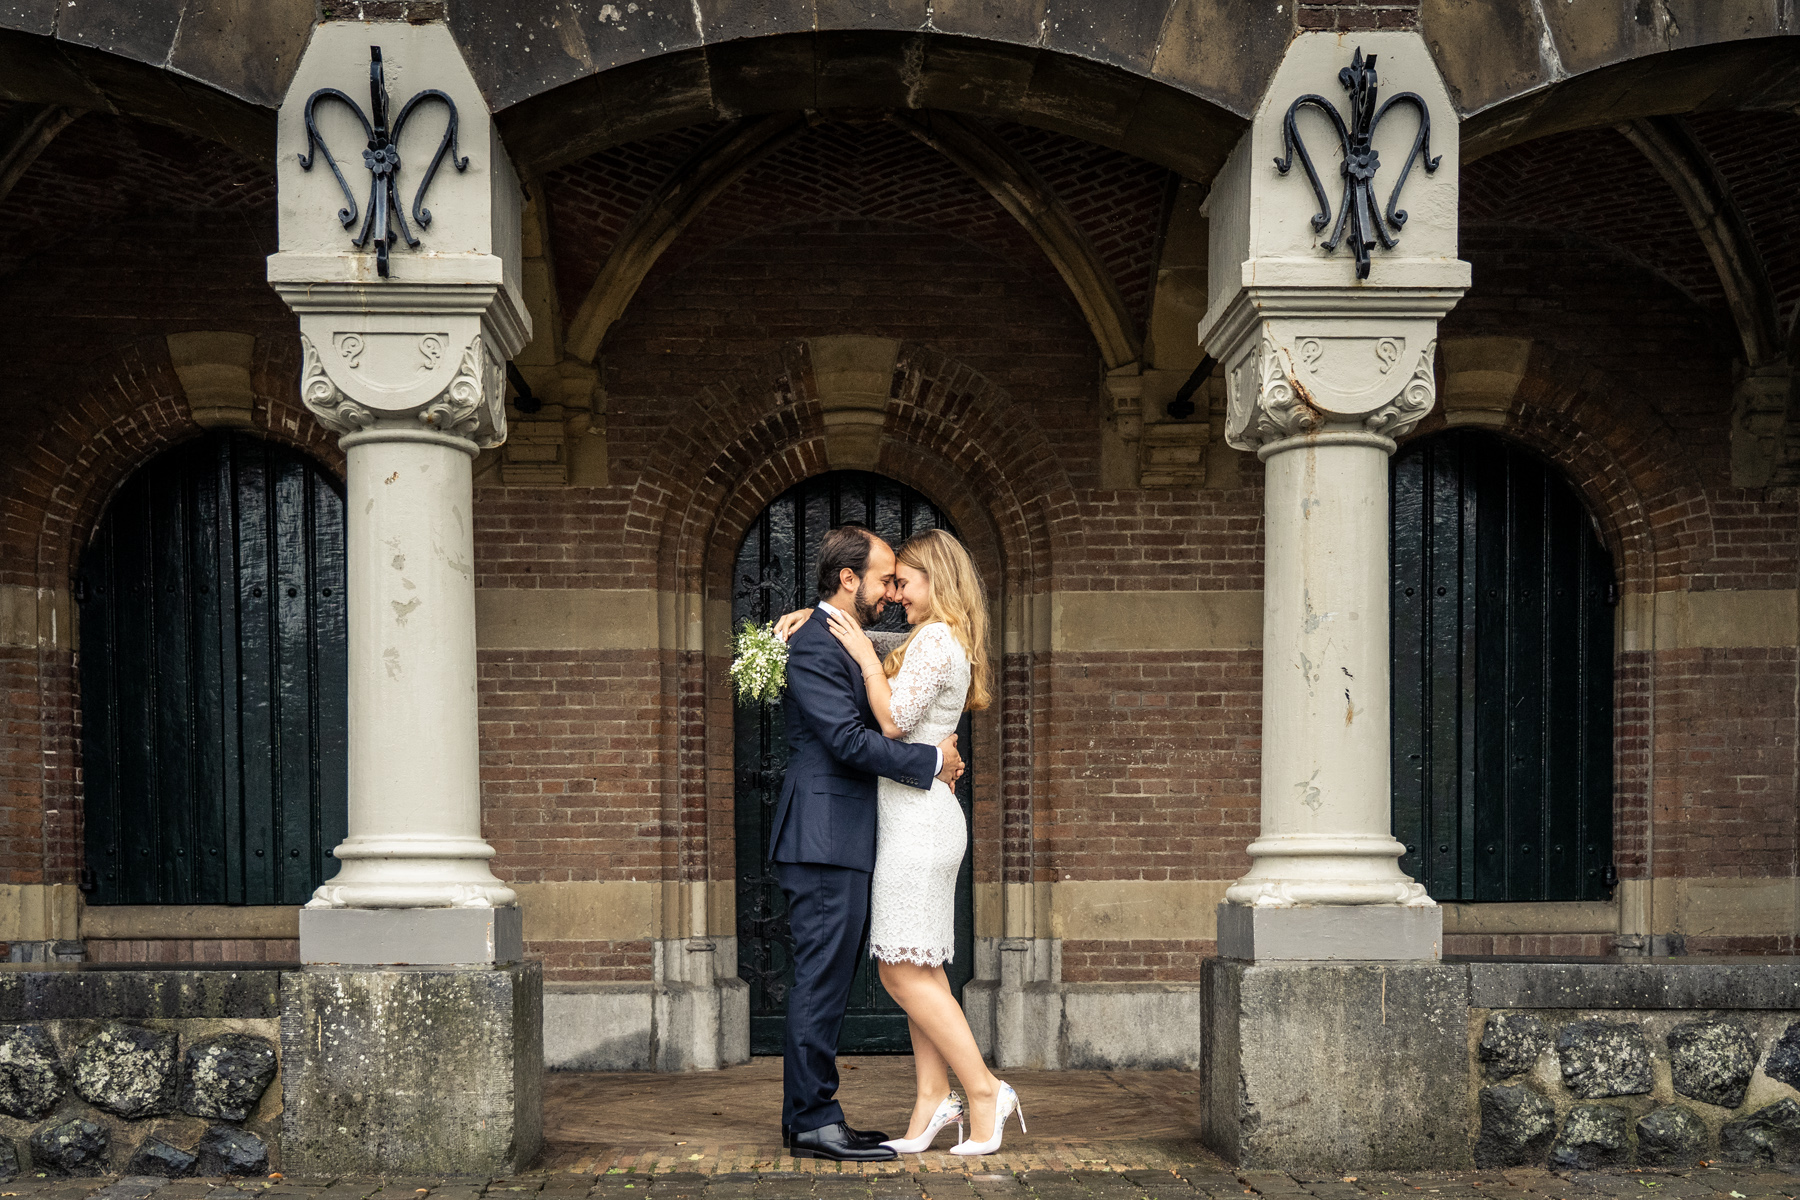 Sassen en Verstraaten klassieke trouwfotografie